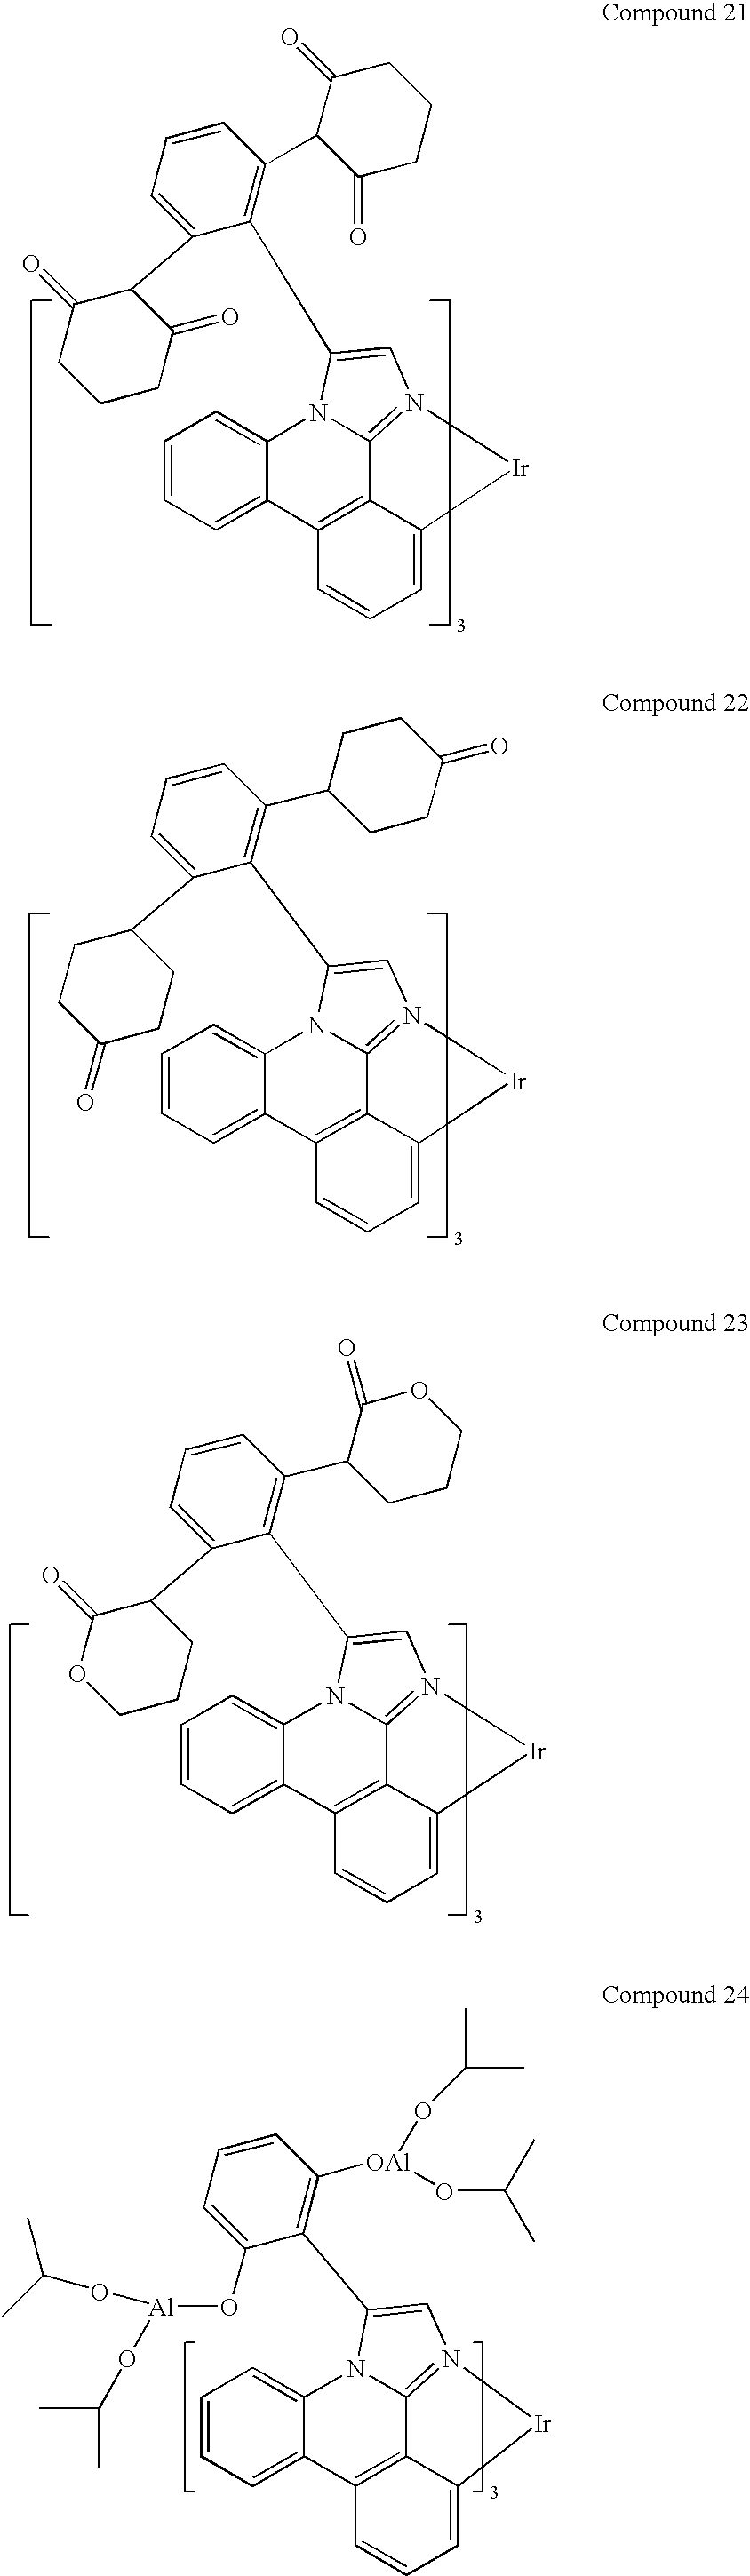 Figure US20100148663A1-20100617-C00022